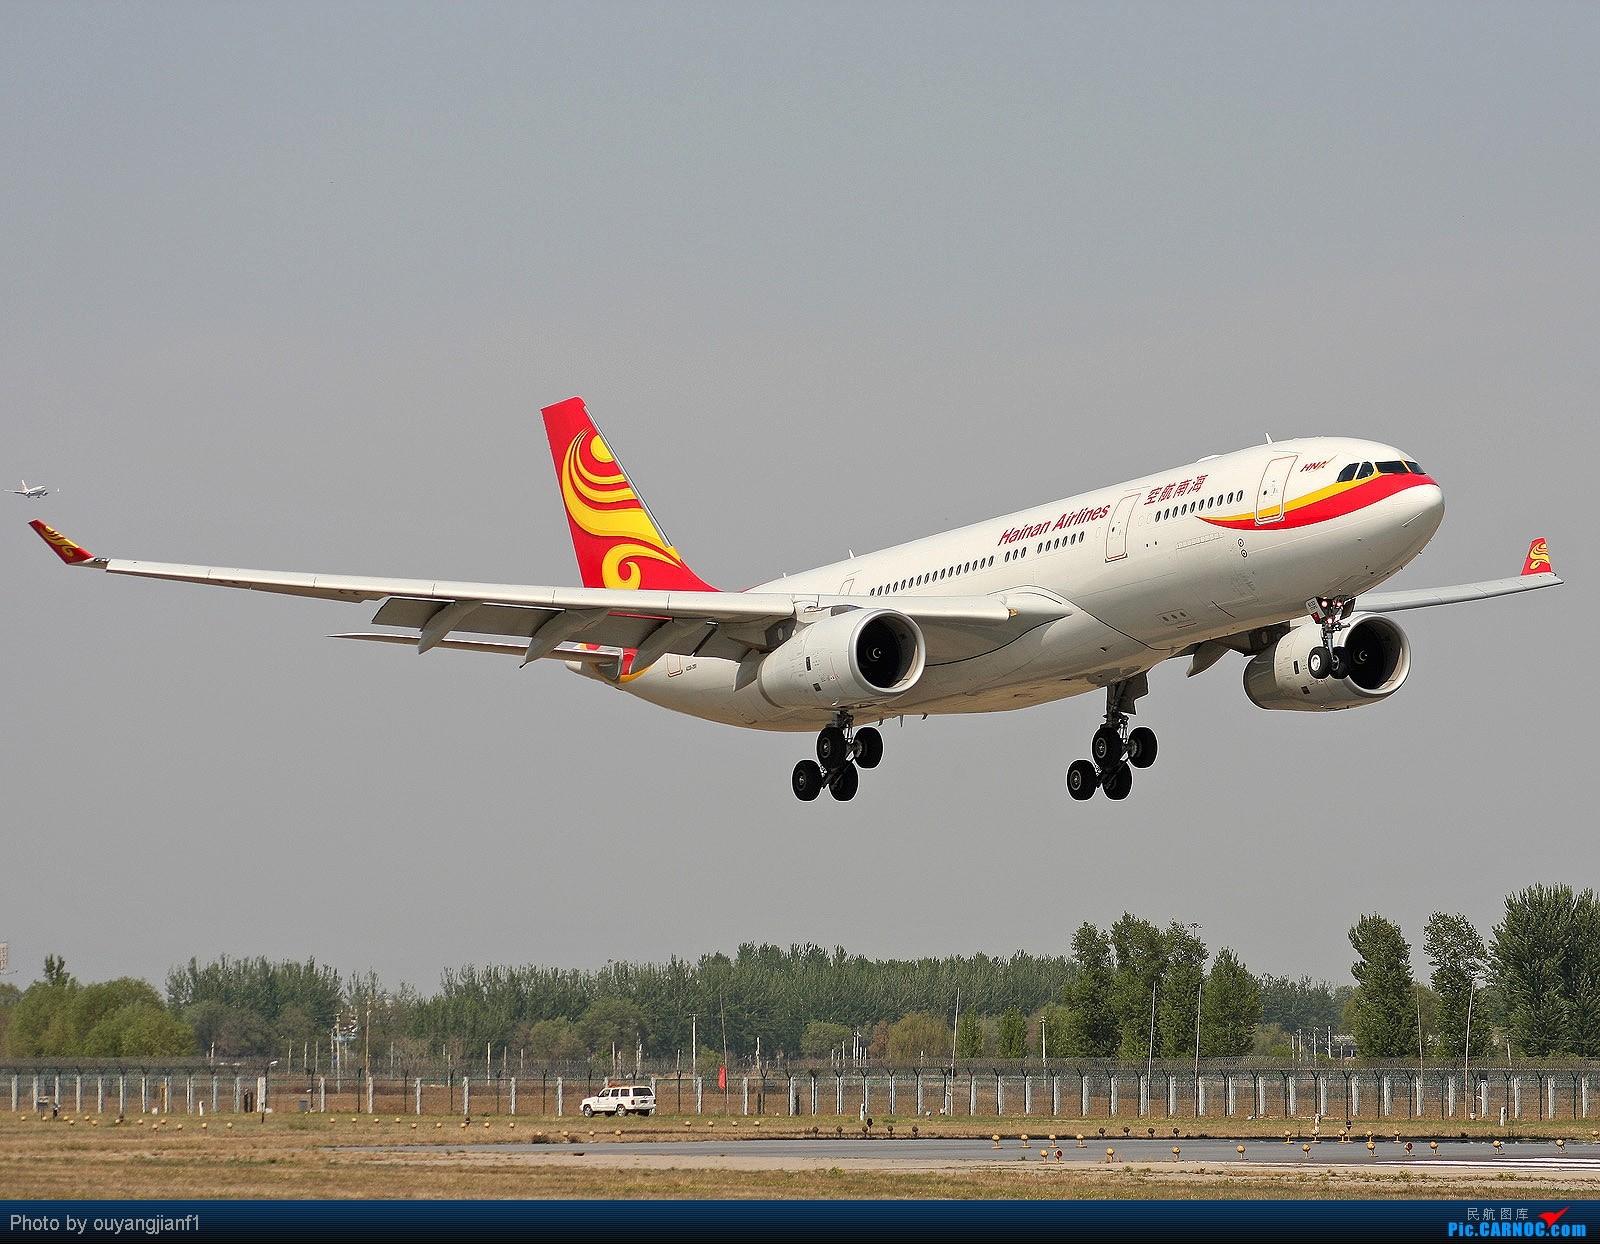 Re:[原创]快有一年没去西跑道了,拍机的感觉已逐渐淡忘,但是只要心中有梦,手中有单反,一切皆有可能! AIRBUS A330-200 B-6133 北京